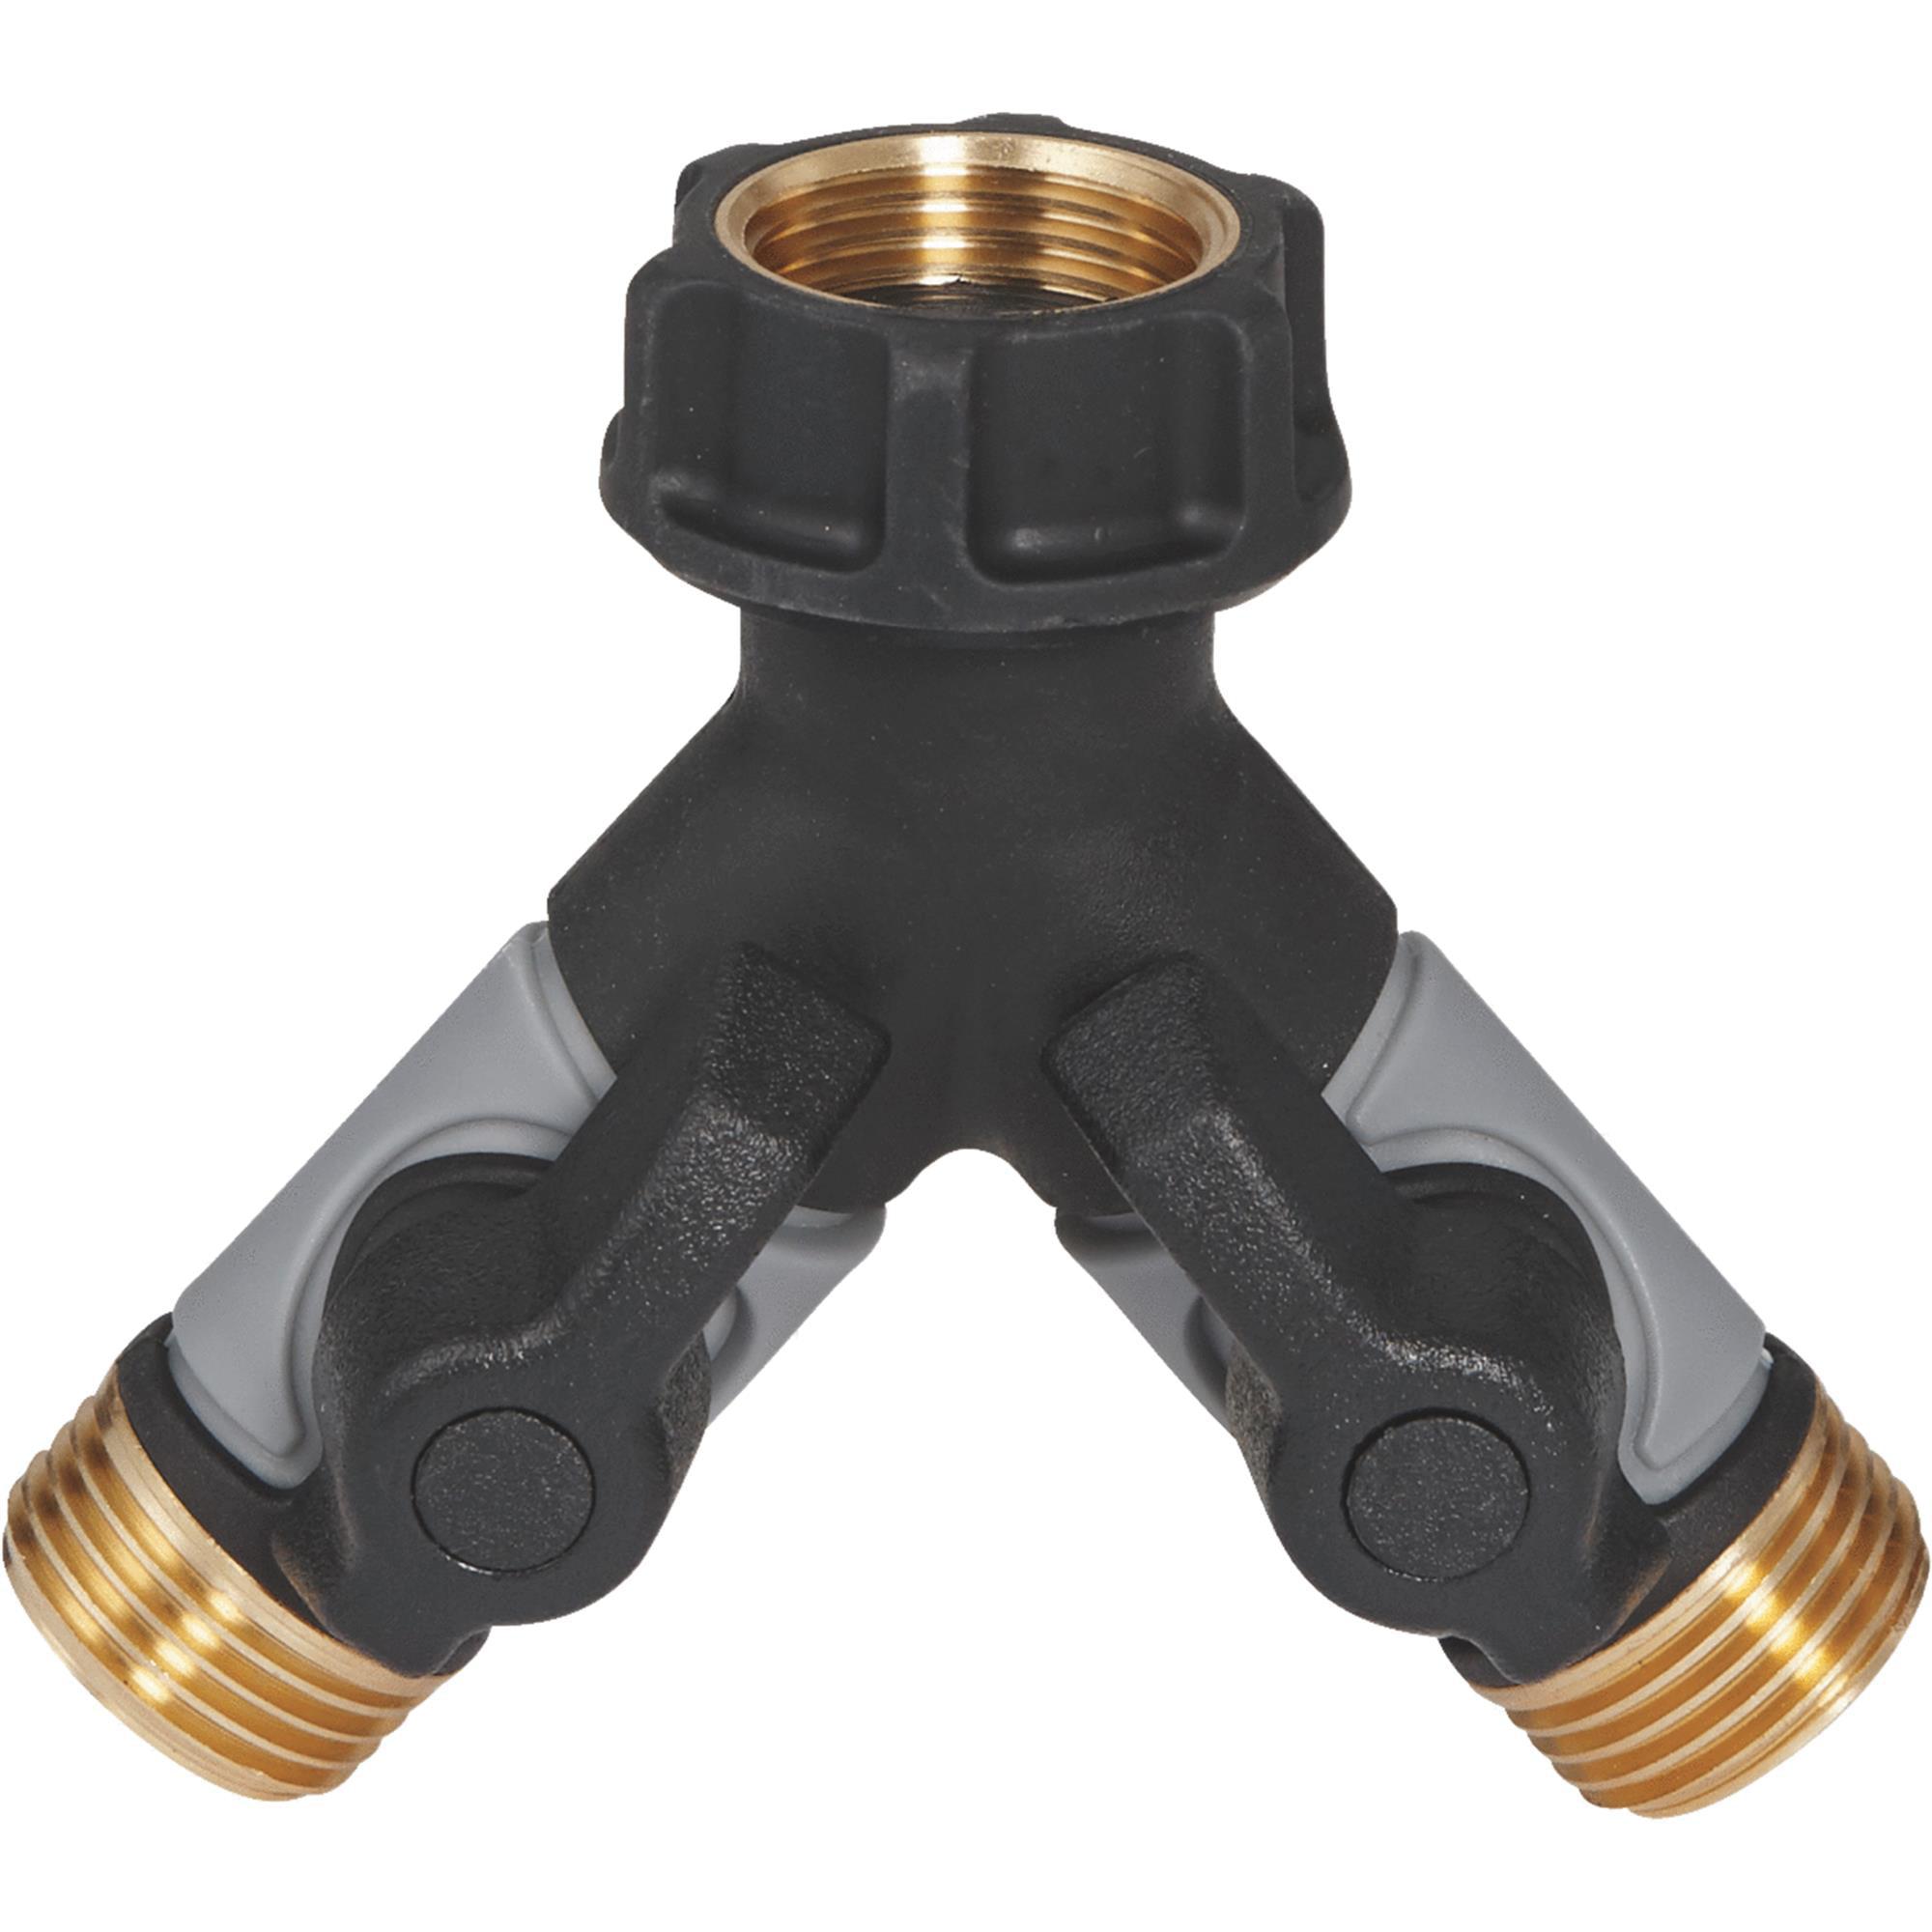 Orbit 56389 Pro Flo Metal Hose Y with Shut-Offs